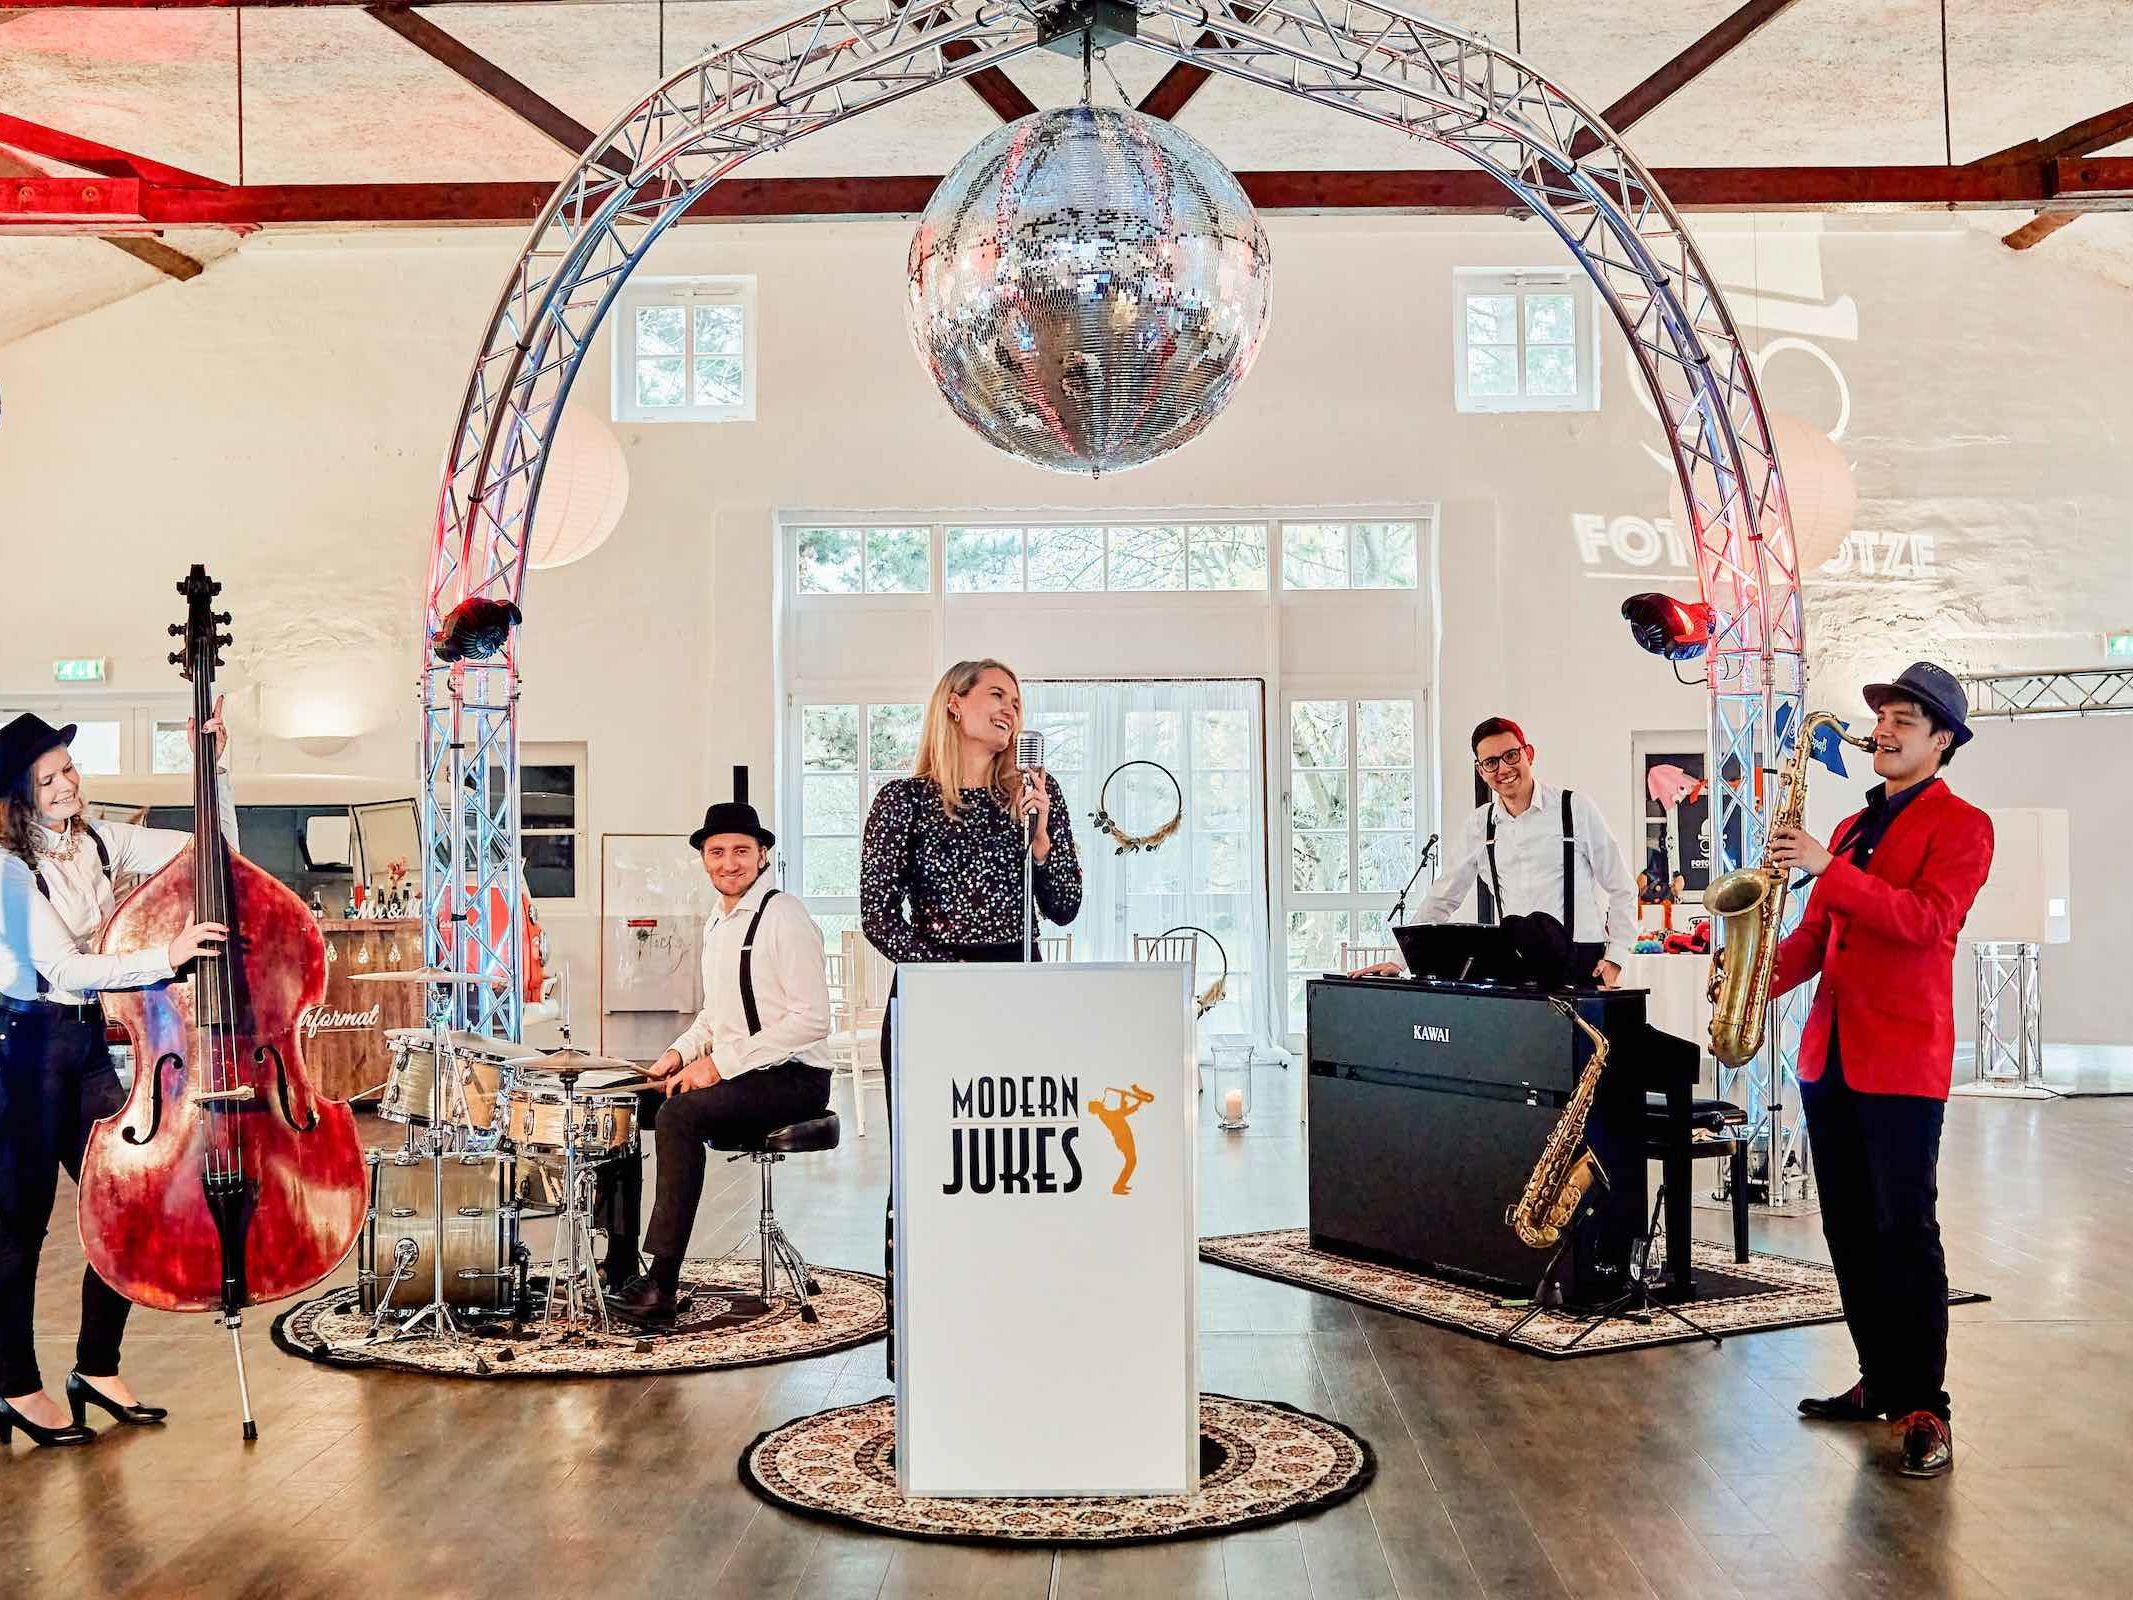 Jazzband | Hochzeit | Hannover | Popband | Partyband | Sektempfang | Party | Trauung | Dinner | Buchen | Mieten | Lehmann | Eventservice